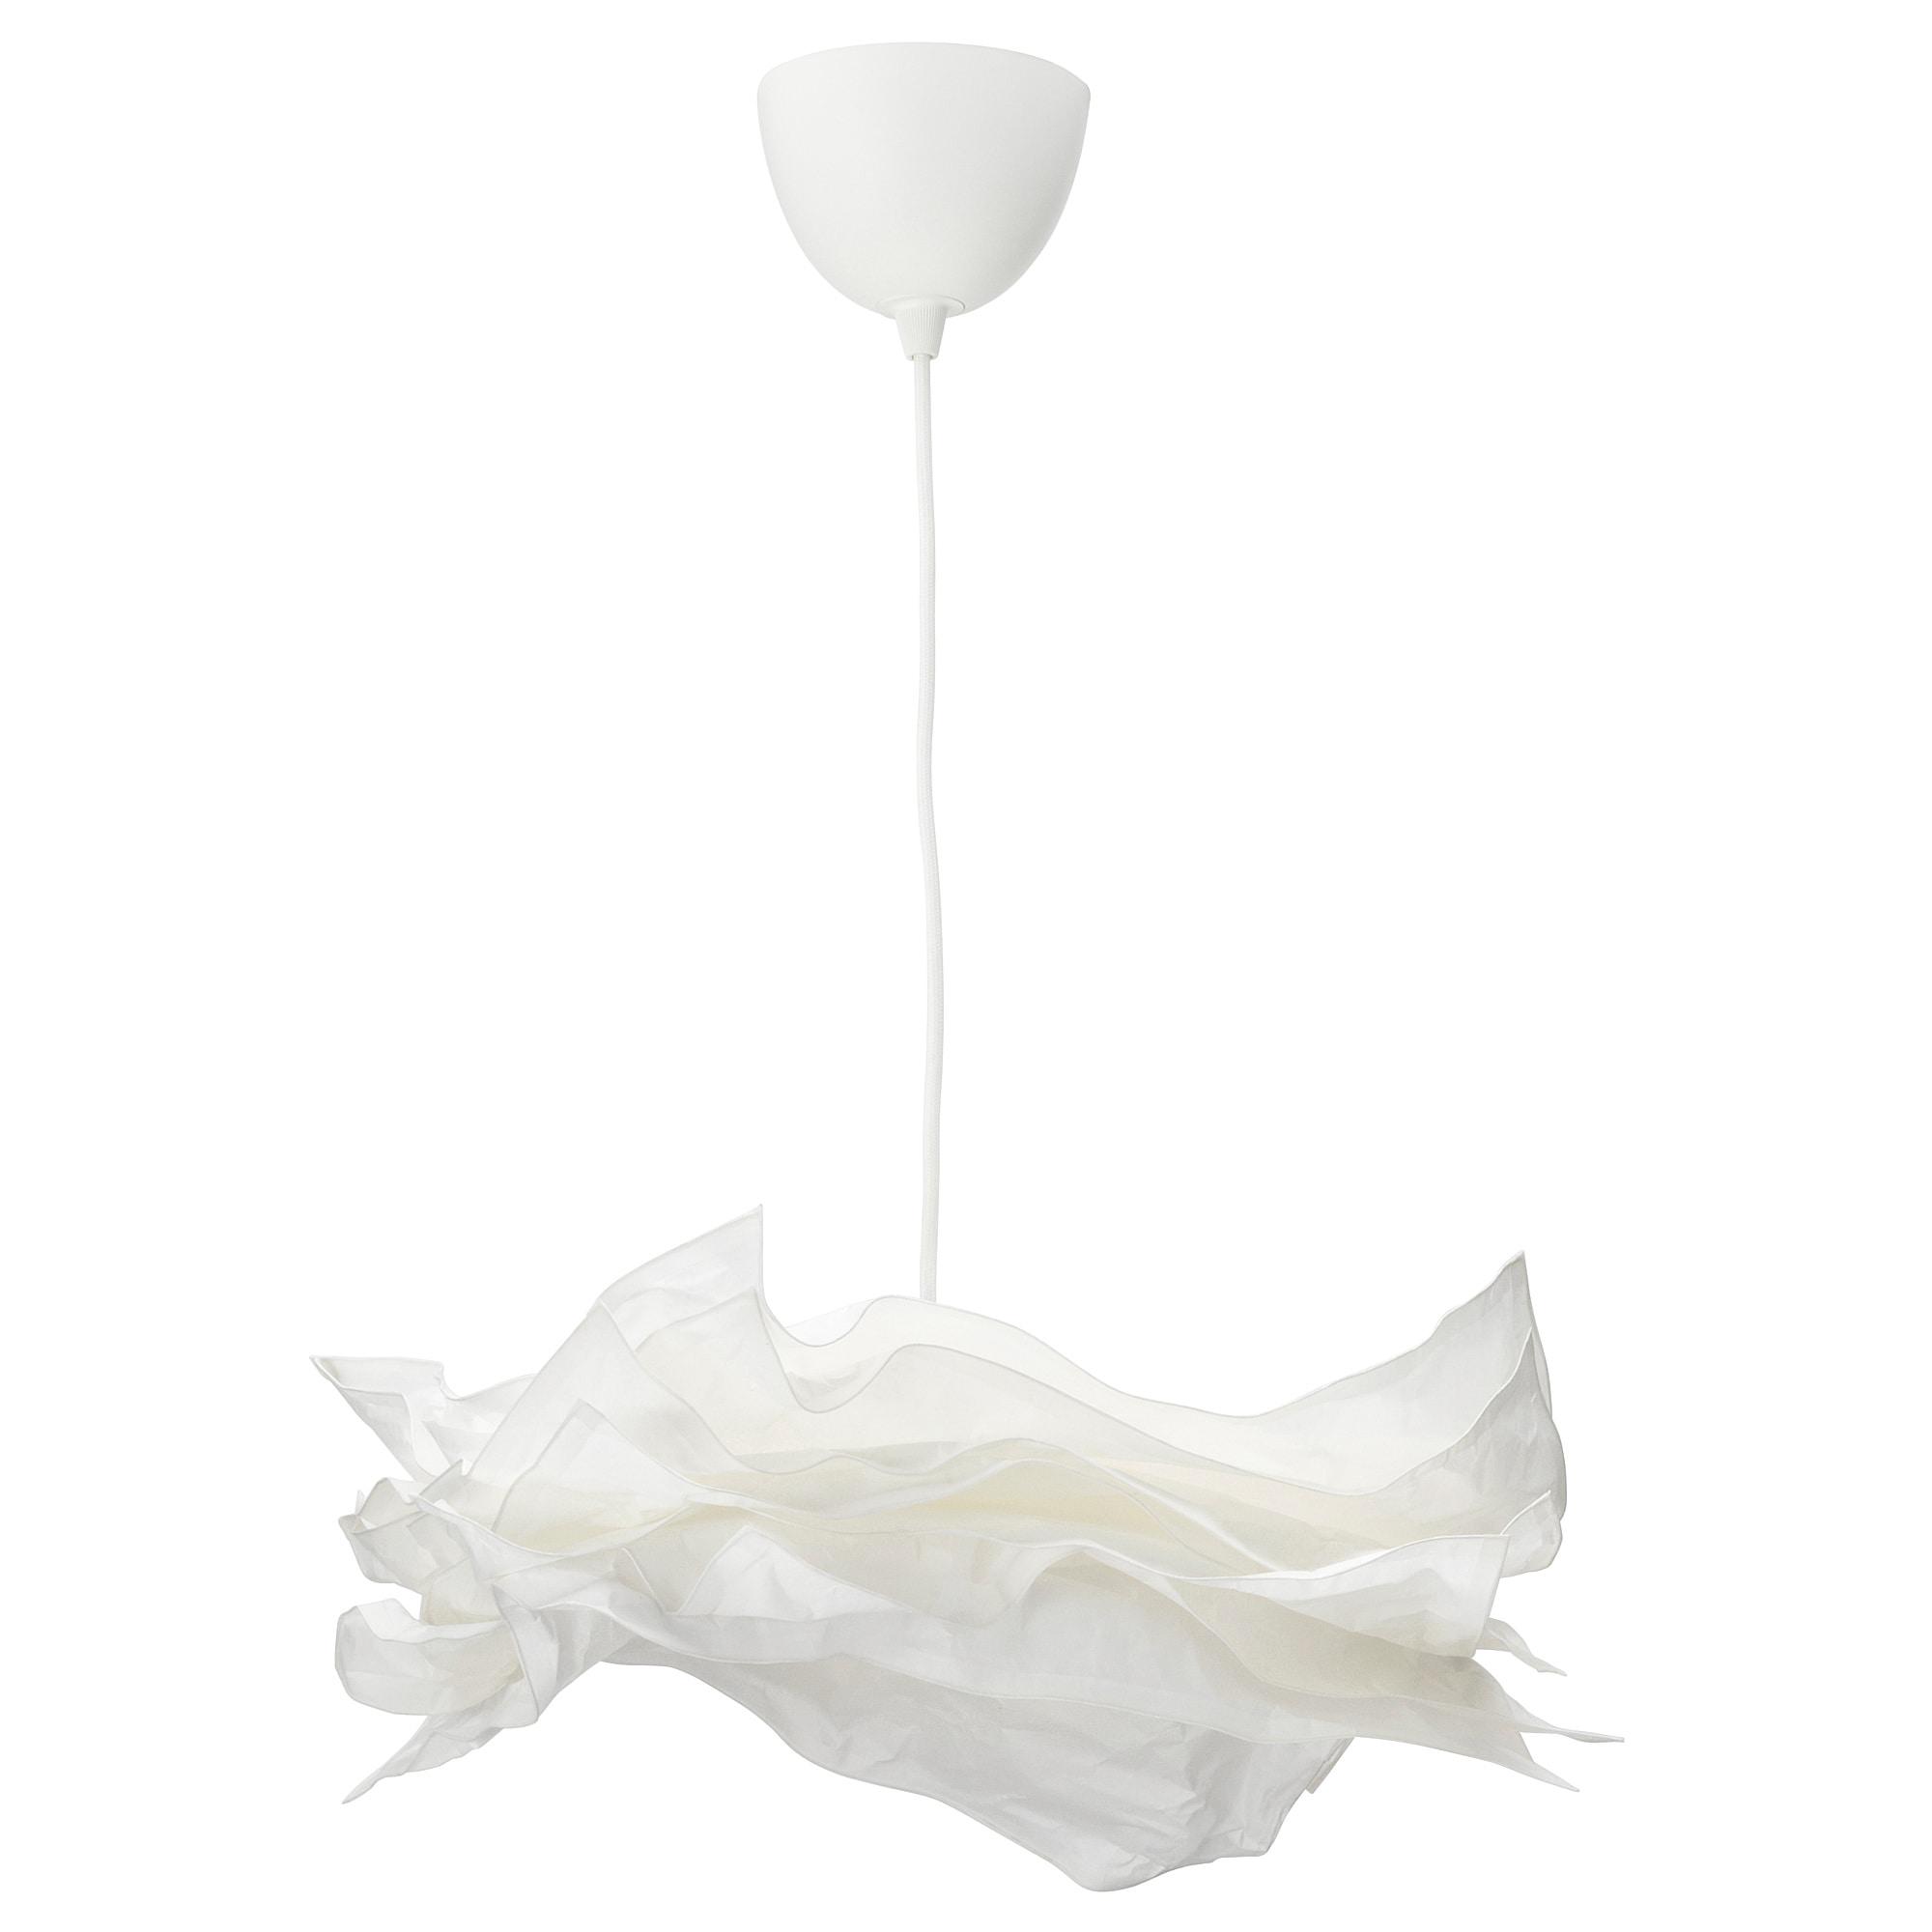 Подвесной светильник КРУСНИНГ / СЕКОНД артикуль № 792.919.30 в наличии. Онлайн магазин IKEA РБ. Быстрая доставка и соборка.